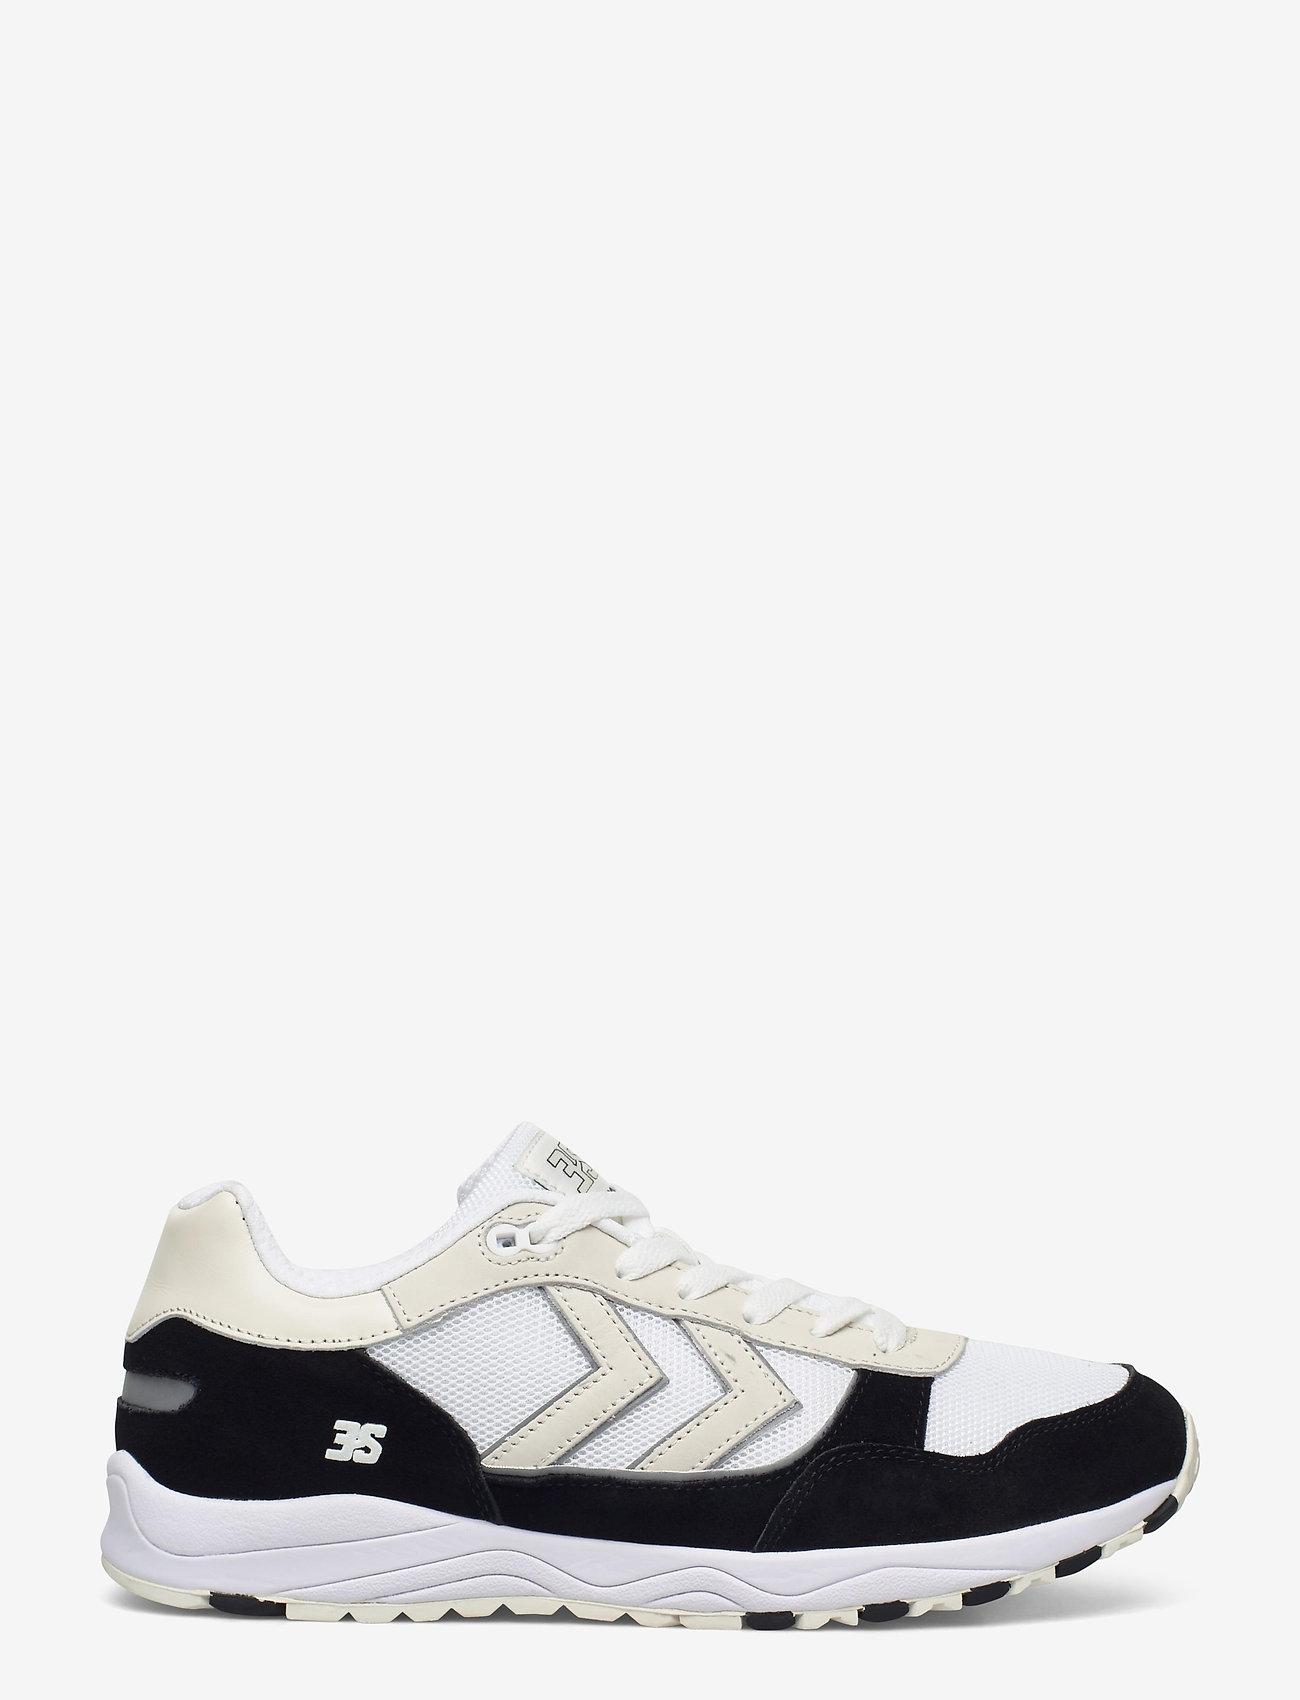 Hummel - 3-S SPORT SUEDE HIVE - laag sneakers - black - 0